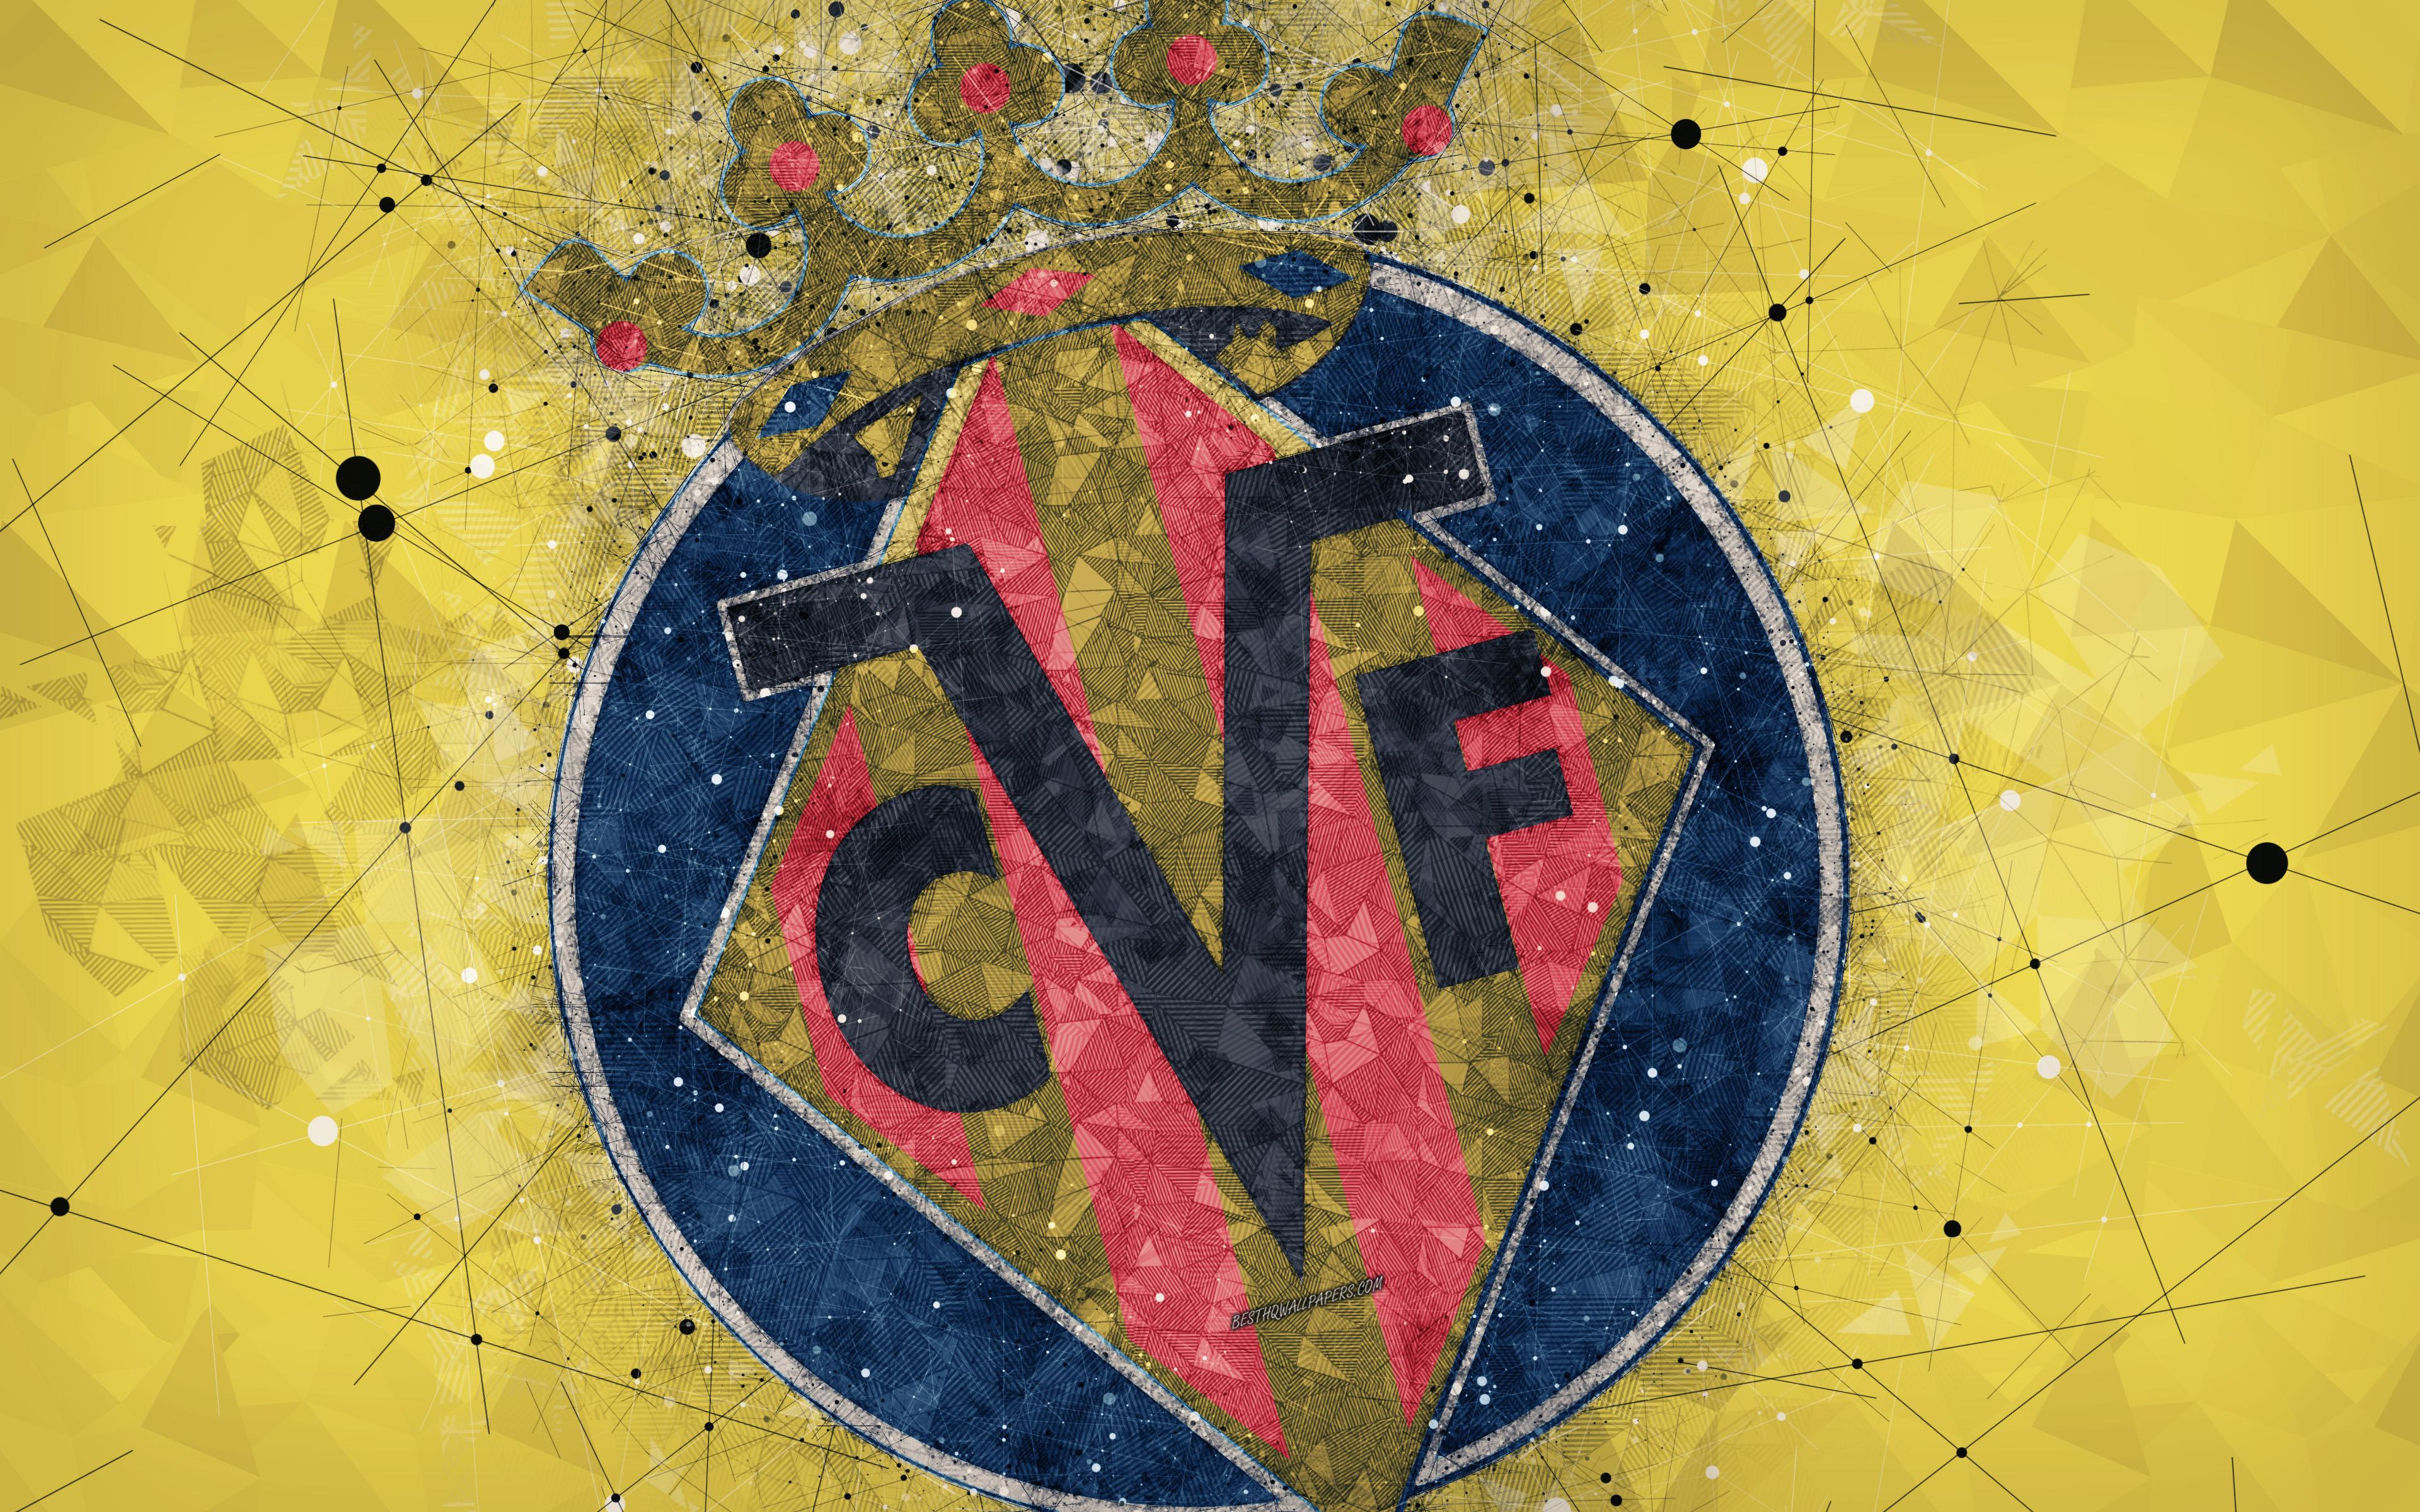 Villarreal CF Wallpapers - Wallpaper Cave